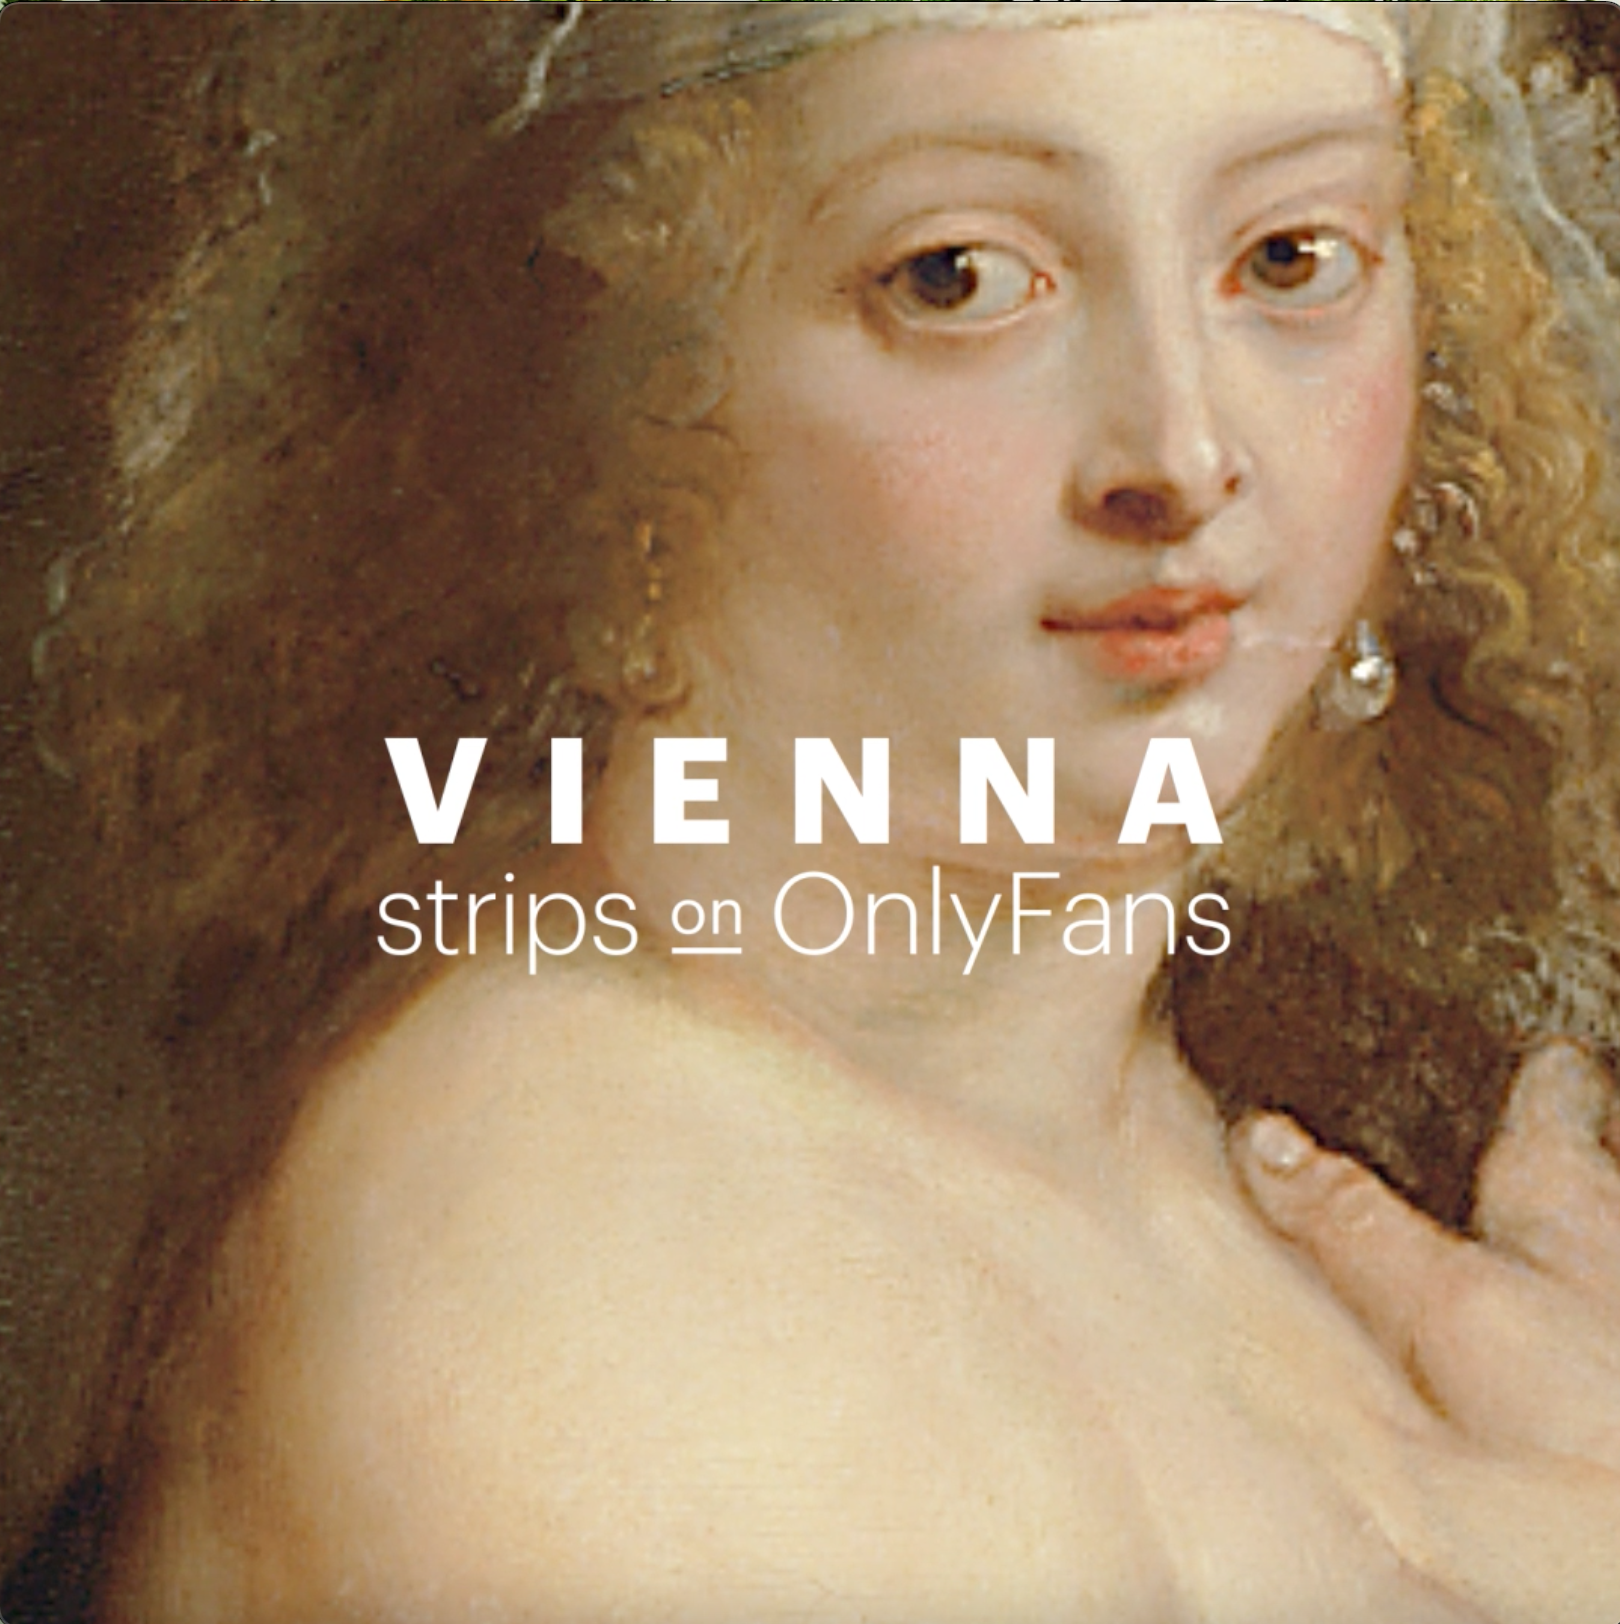 Vienna strips on OnlyFans - Venus von Willendorf © Naturhistorisches Museum Vienna, Alice Schumacher. png